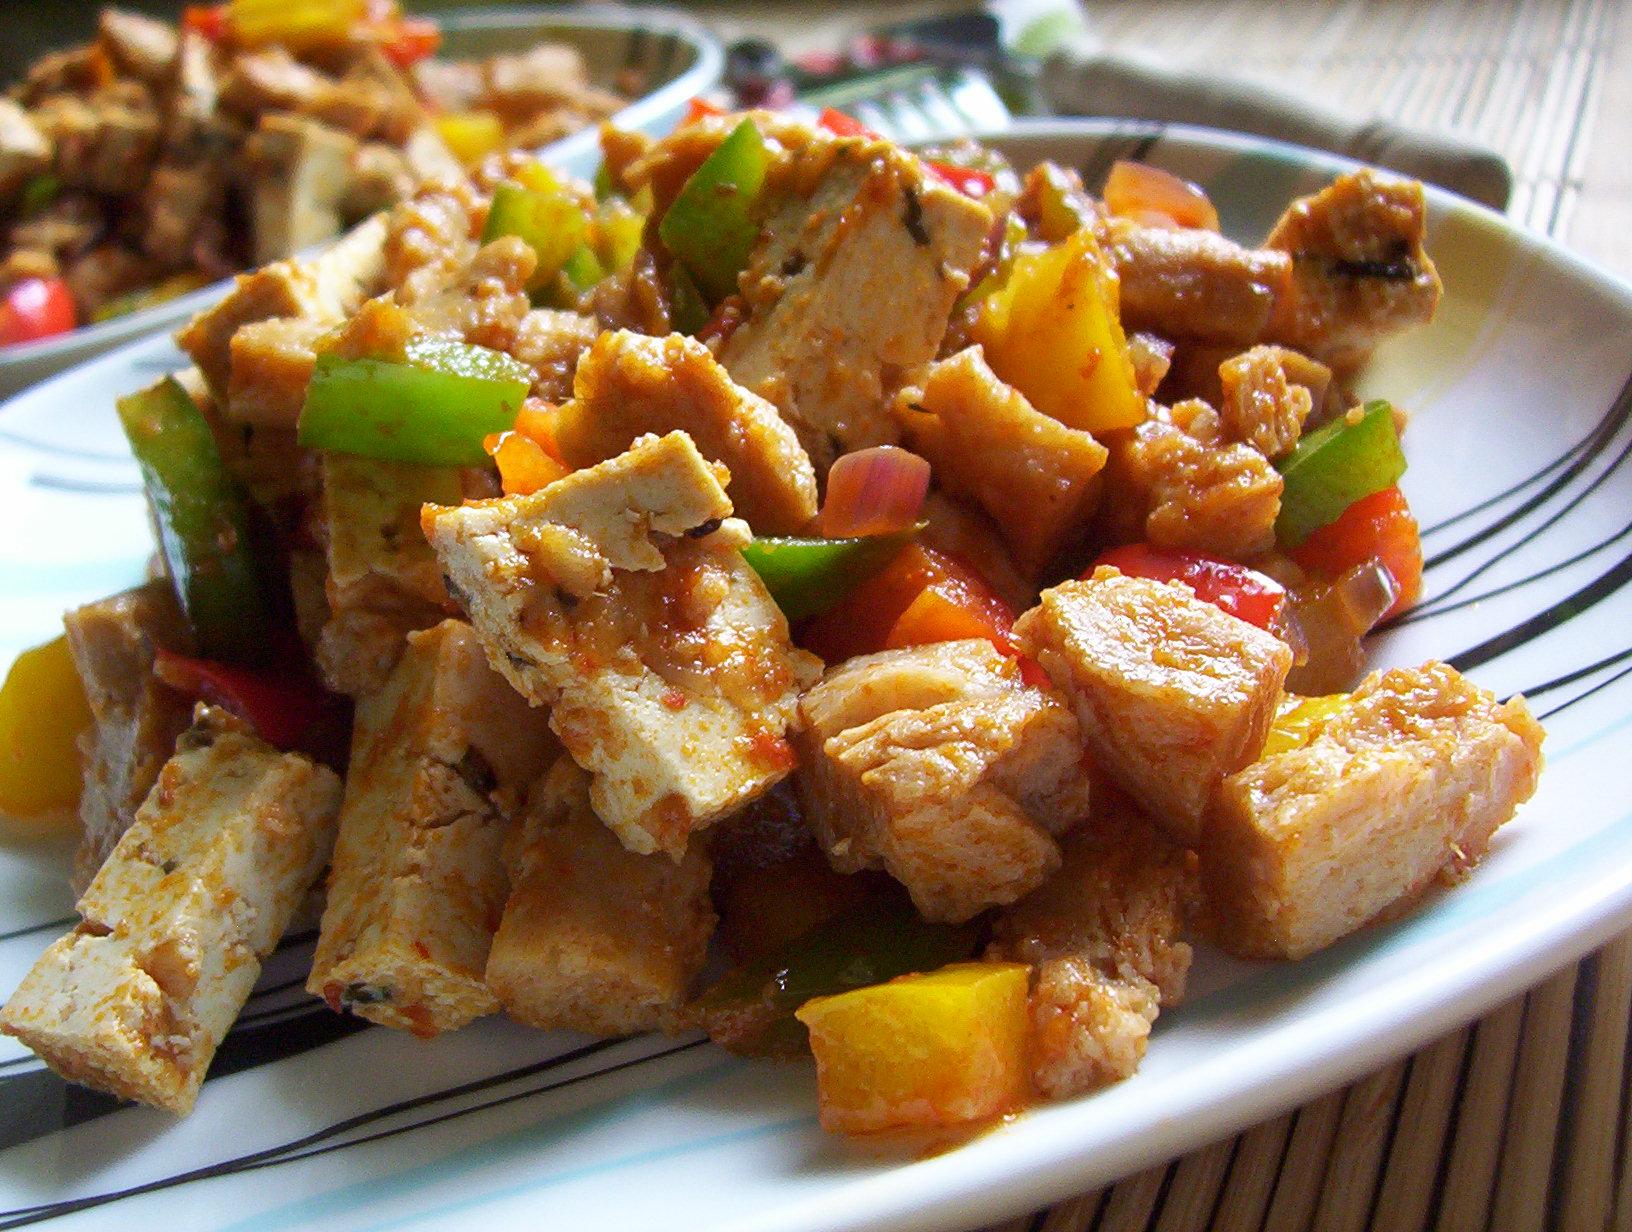 Sója s tofu na kari